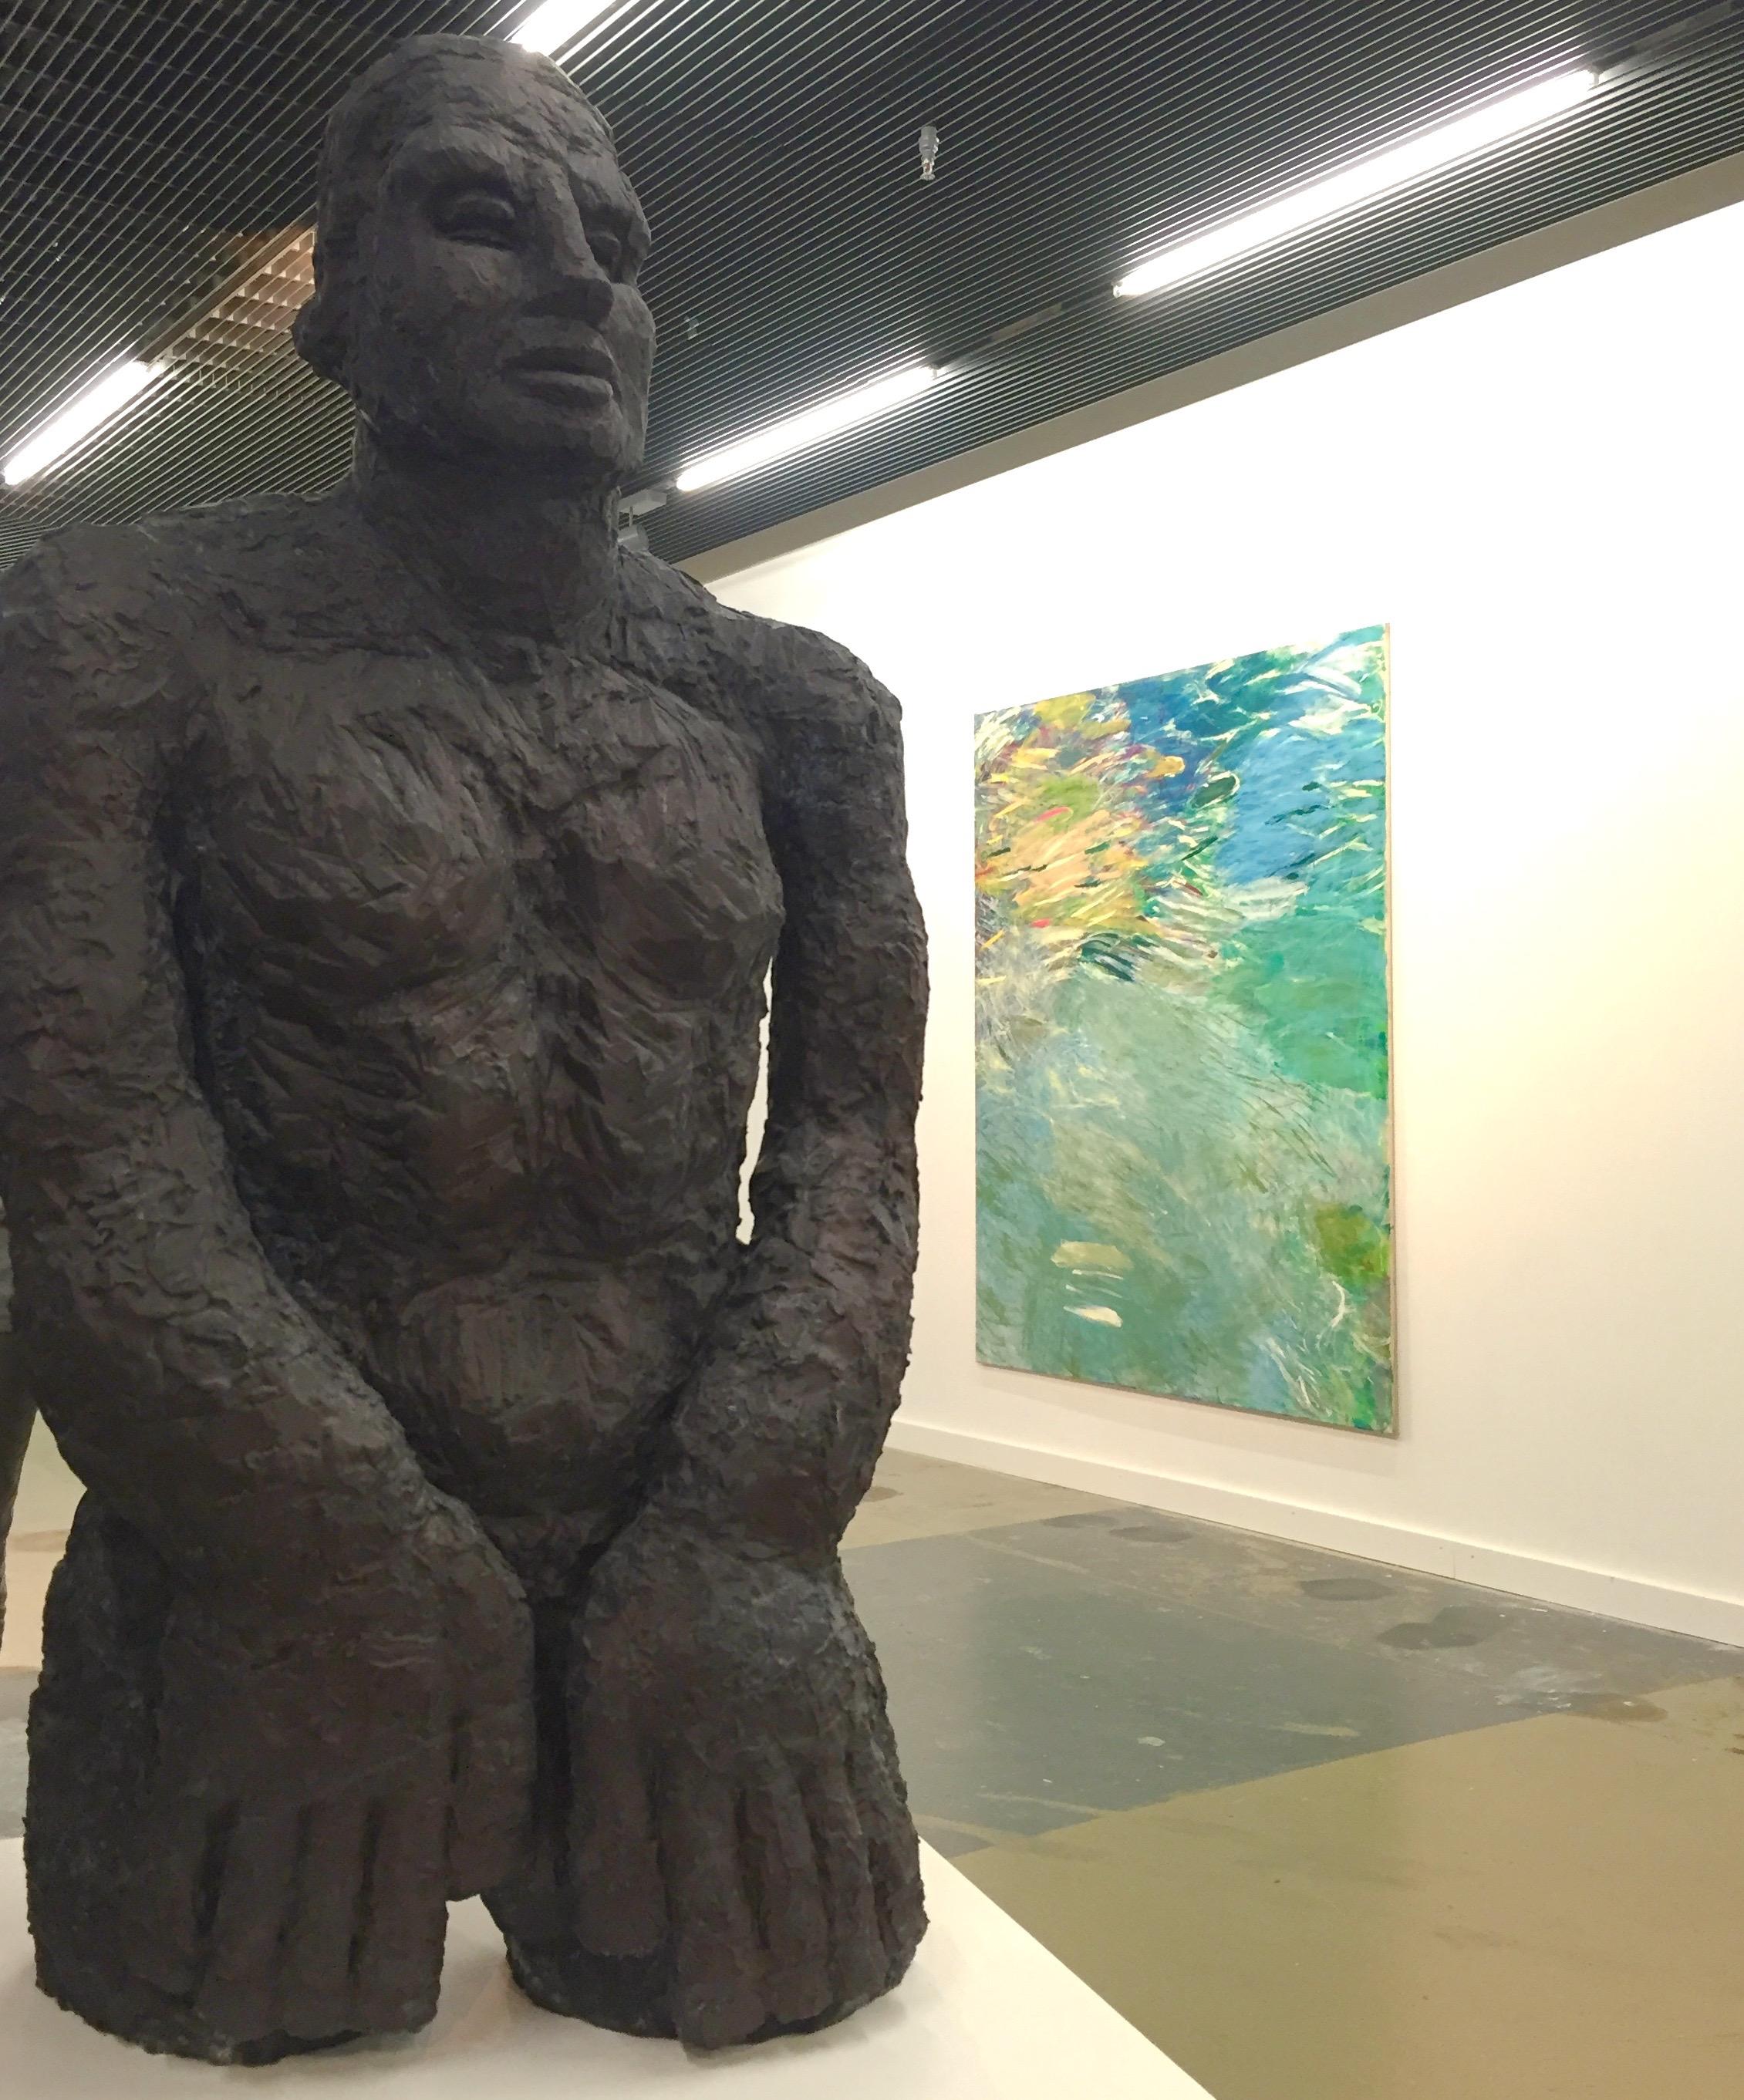 Amici Blättler Kunsthalle JU 2016